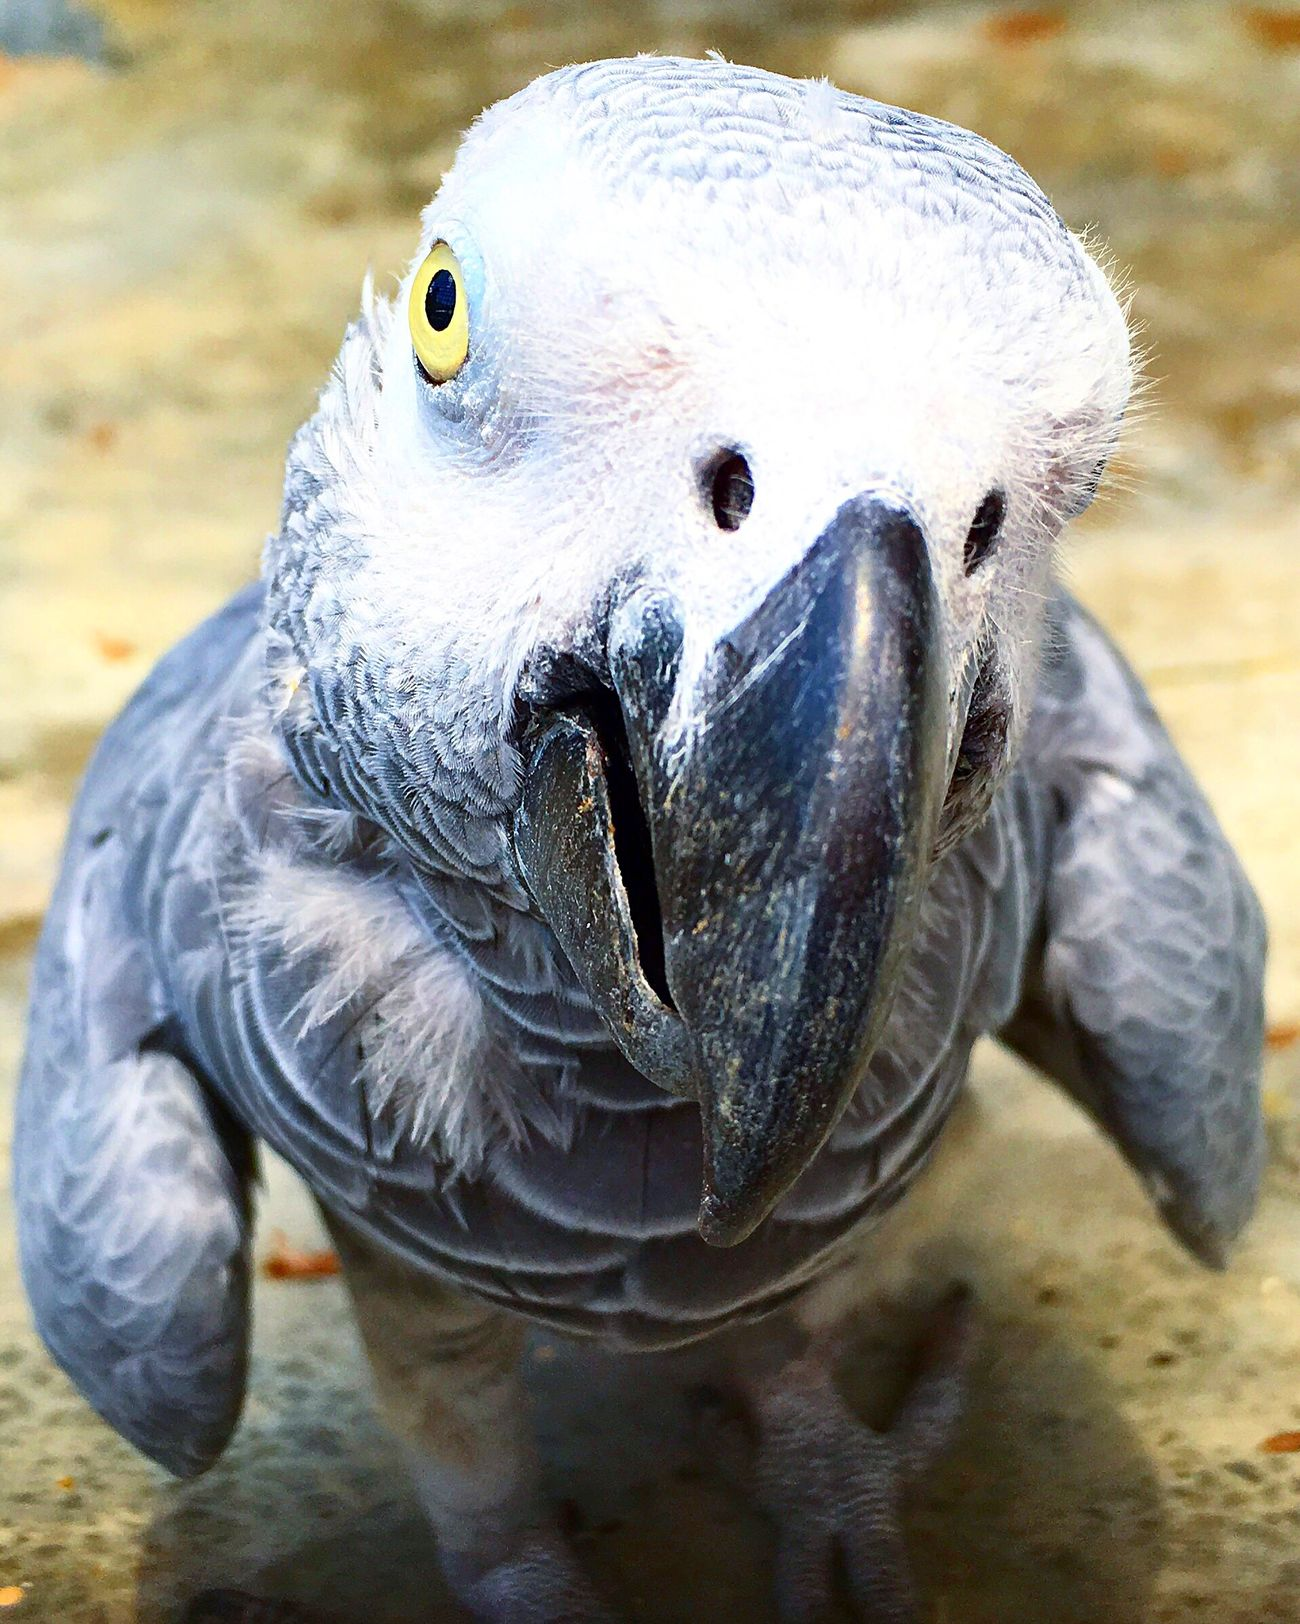 Emperorvalleyzoo Trinidad And Tobago Trinidad Parrot IPhoneography Iphone6s Nofilter